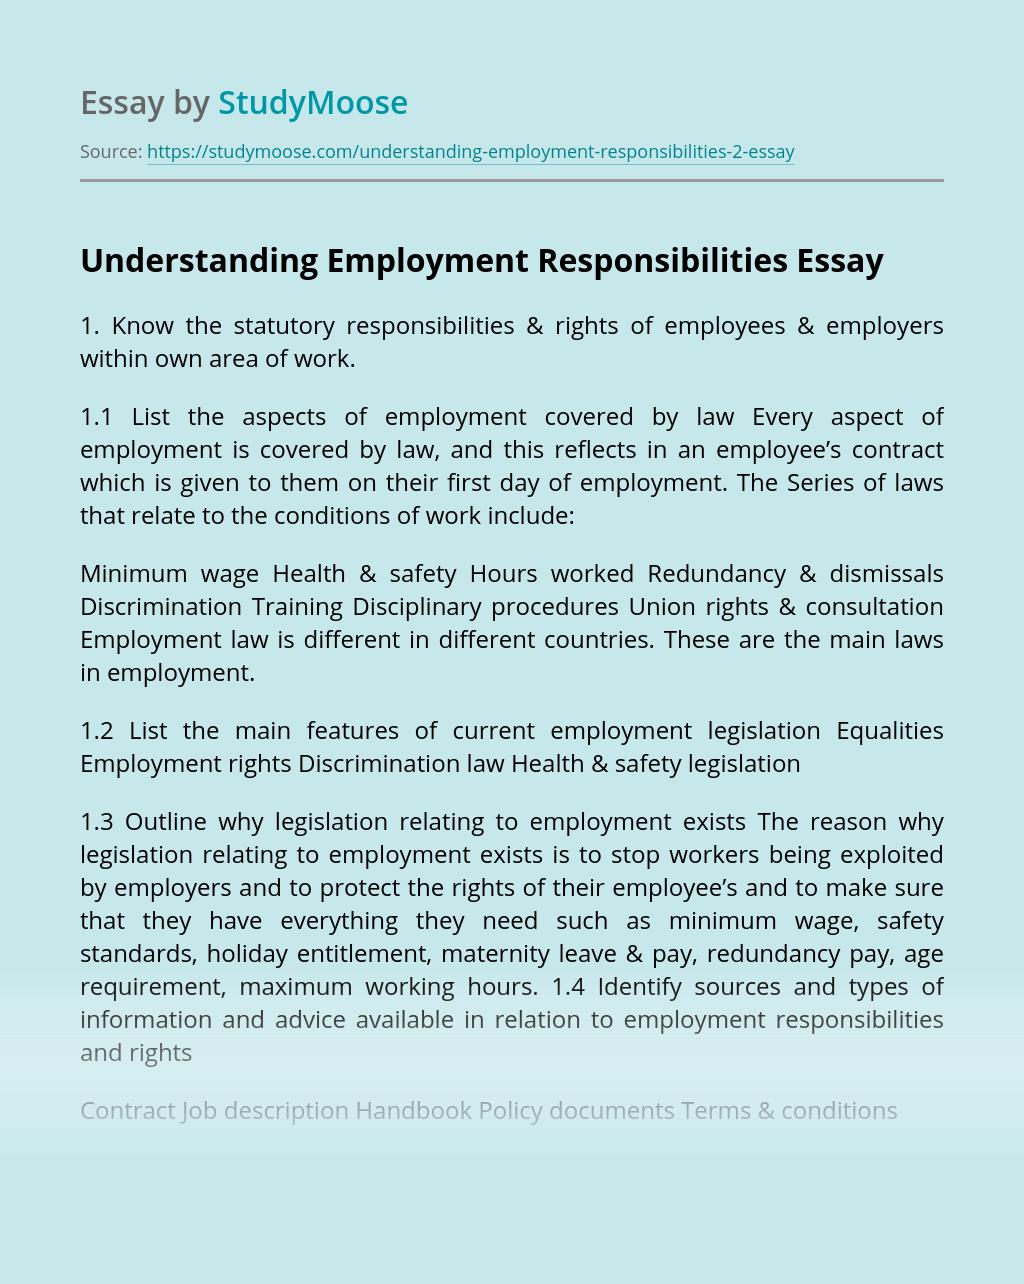 Understanding Employment Responsibilities